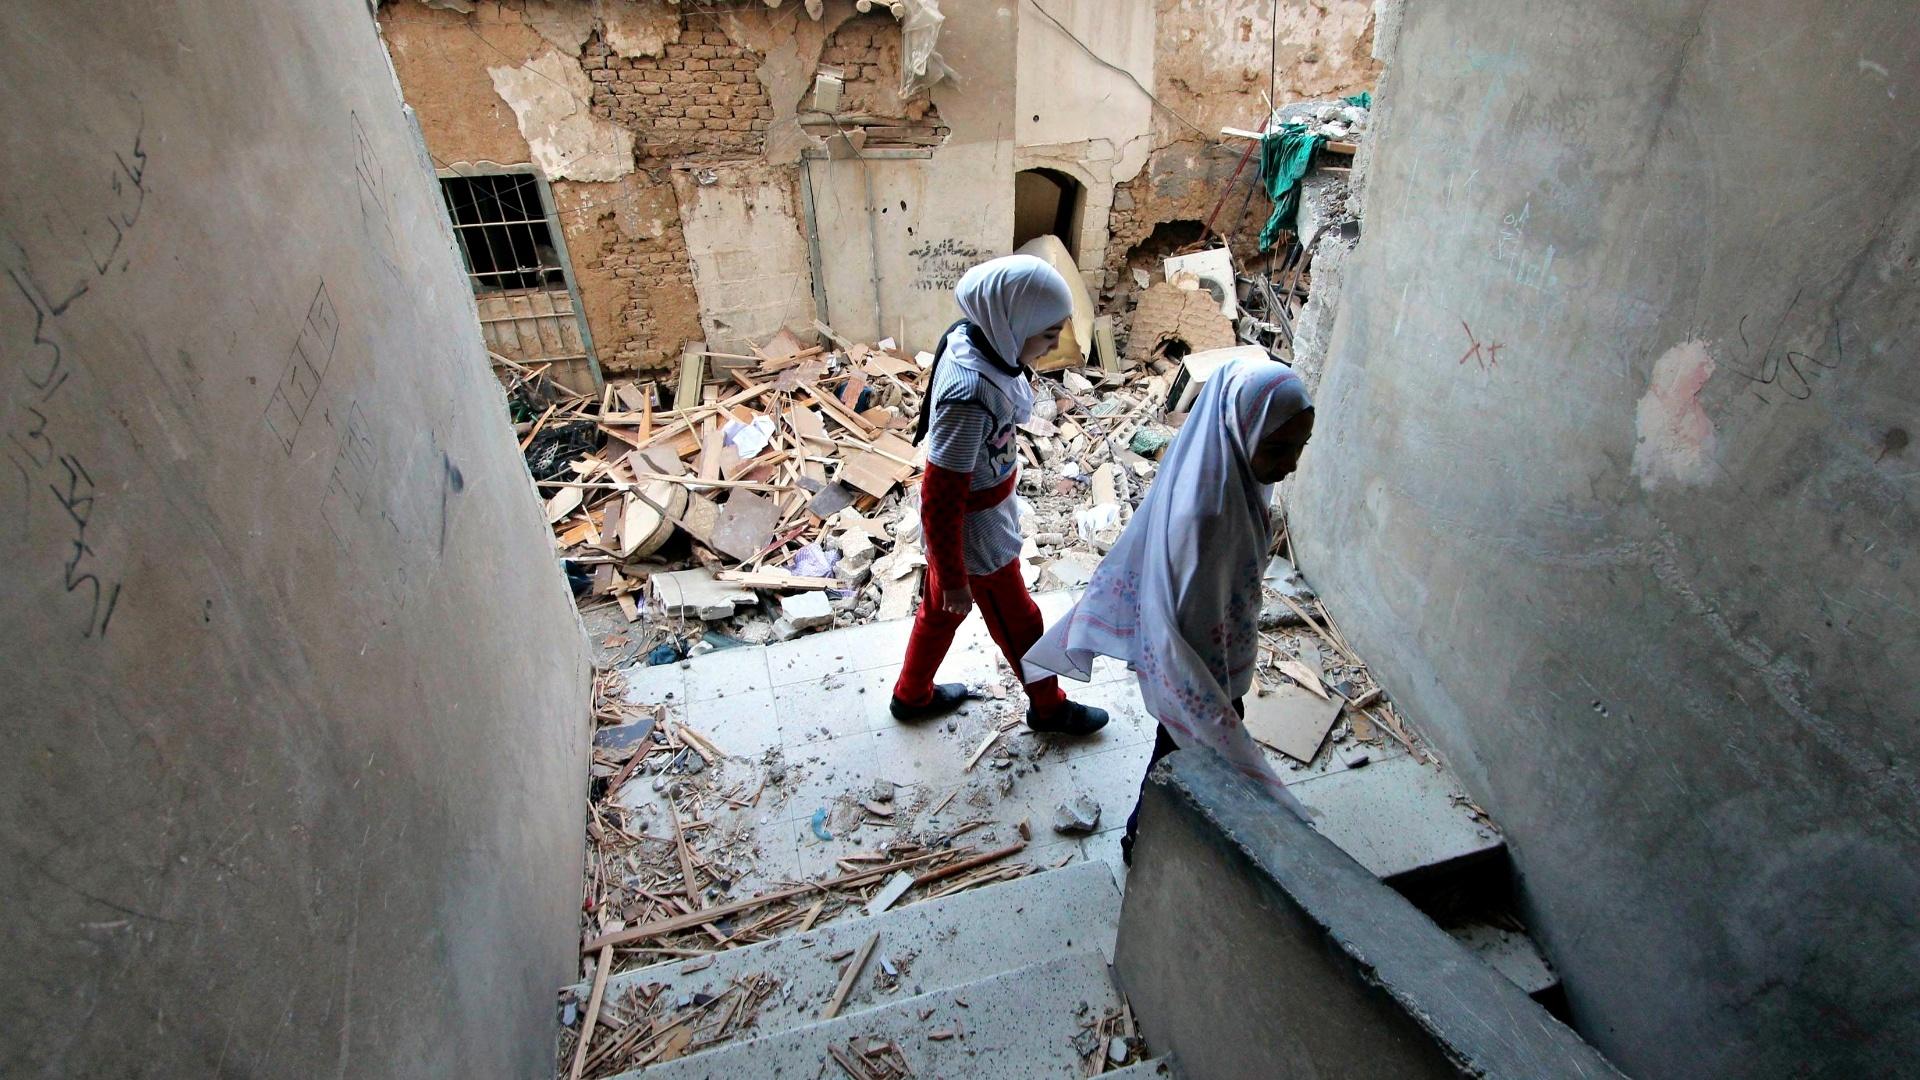 8.fev.2015 - Meninas sírias descem escadas de prédio danificado por, segundo ativistas, recentes ataques aéreos realizados por forças leais ao ditador Bashar al-Assad no bairro de Douma, no nordeste da capital Damasco